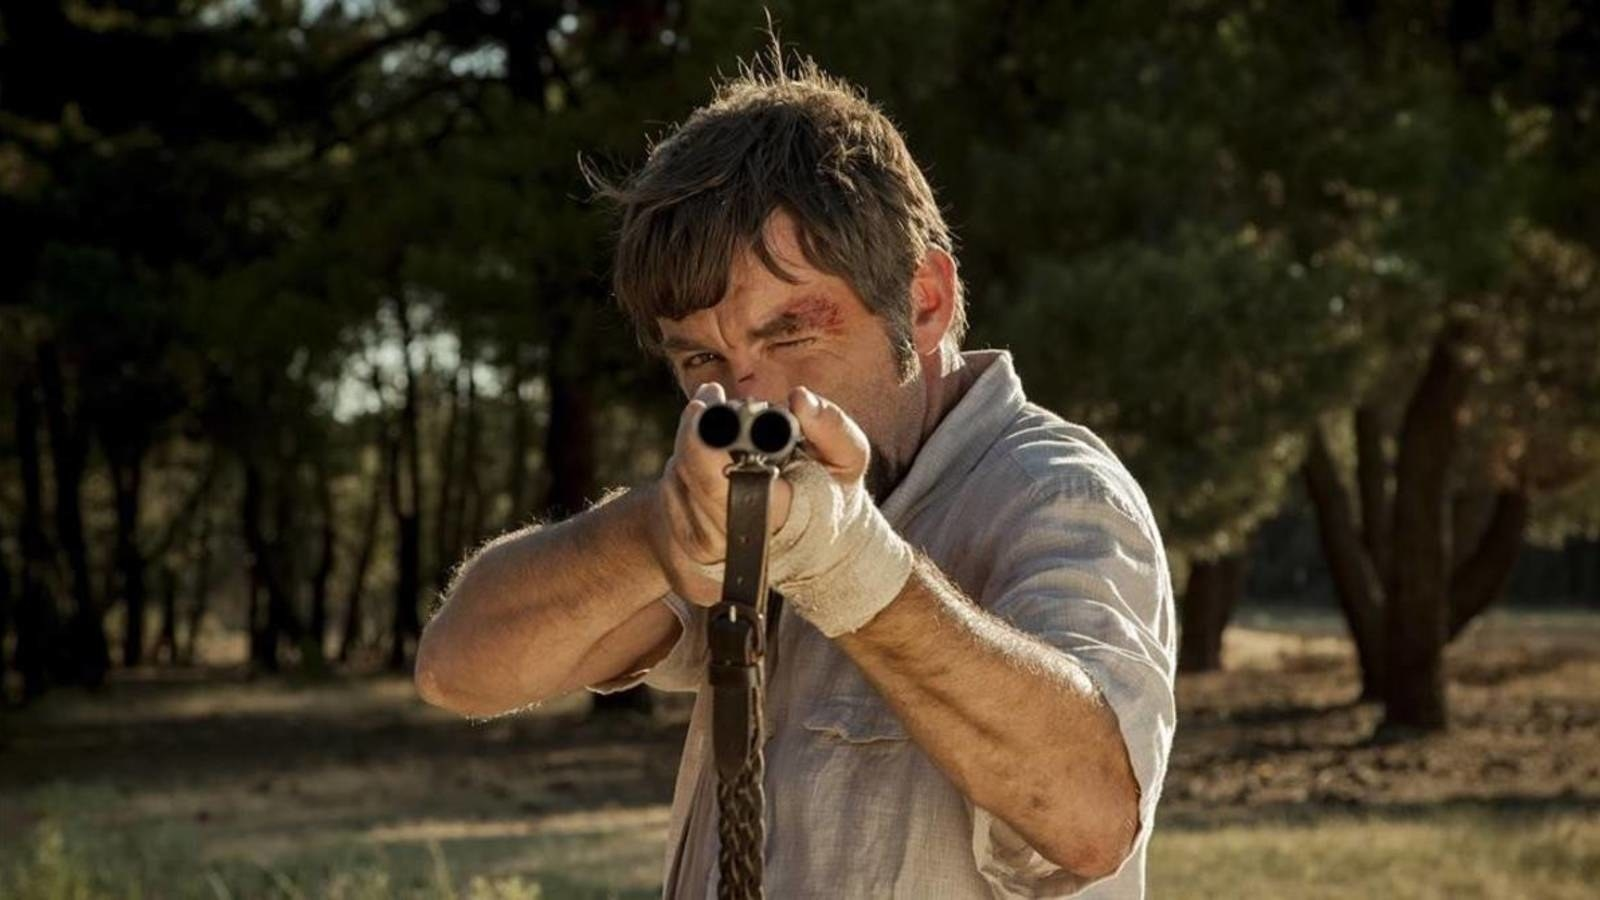 Hombre con sangre en la cara apuntando con escopeta